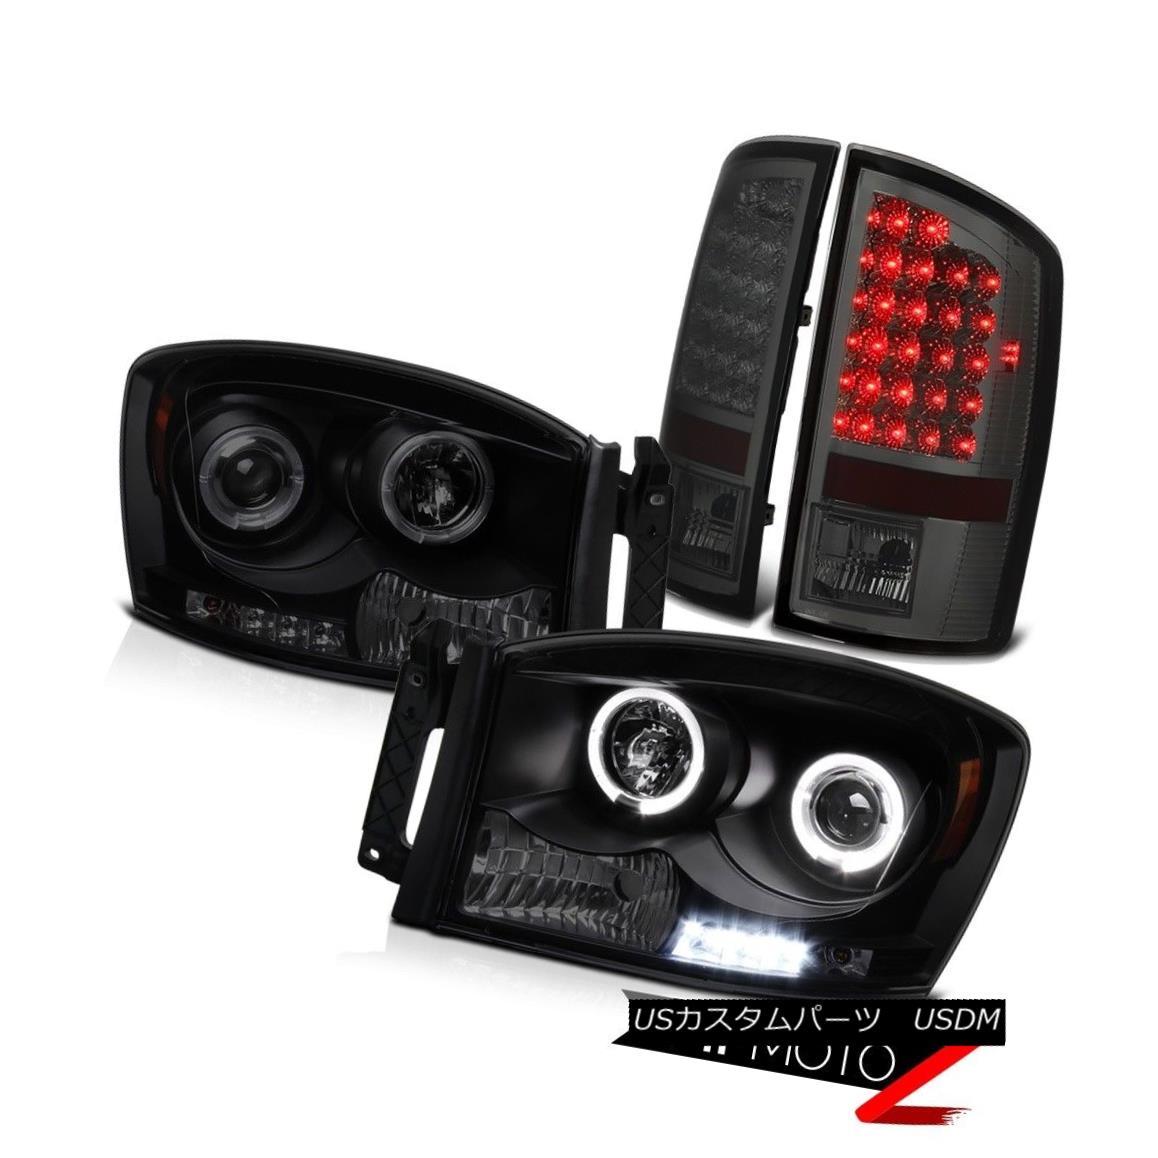 テールライト 2006 Dodge Ram 4x4 LED Daytime Headlight Darkest Smoke Projector LED Tail Lights 2006 Dodge Ram 4x4 LED昼間ヘッドライト暗い煙プロジェクターLEDテールライト